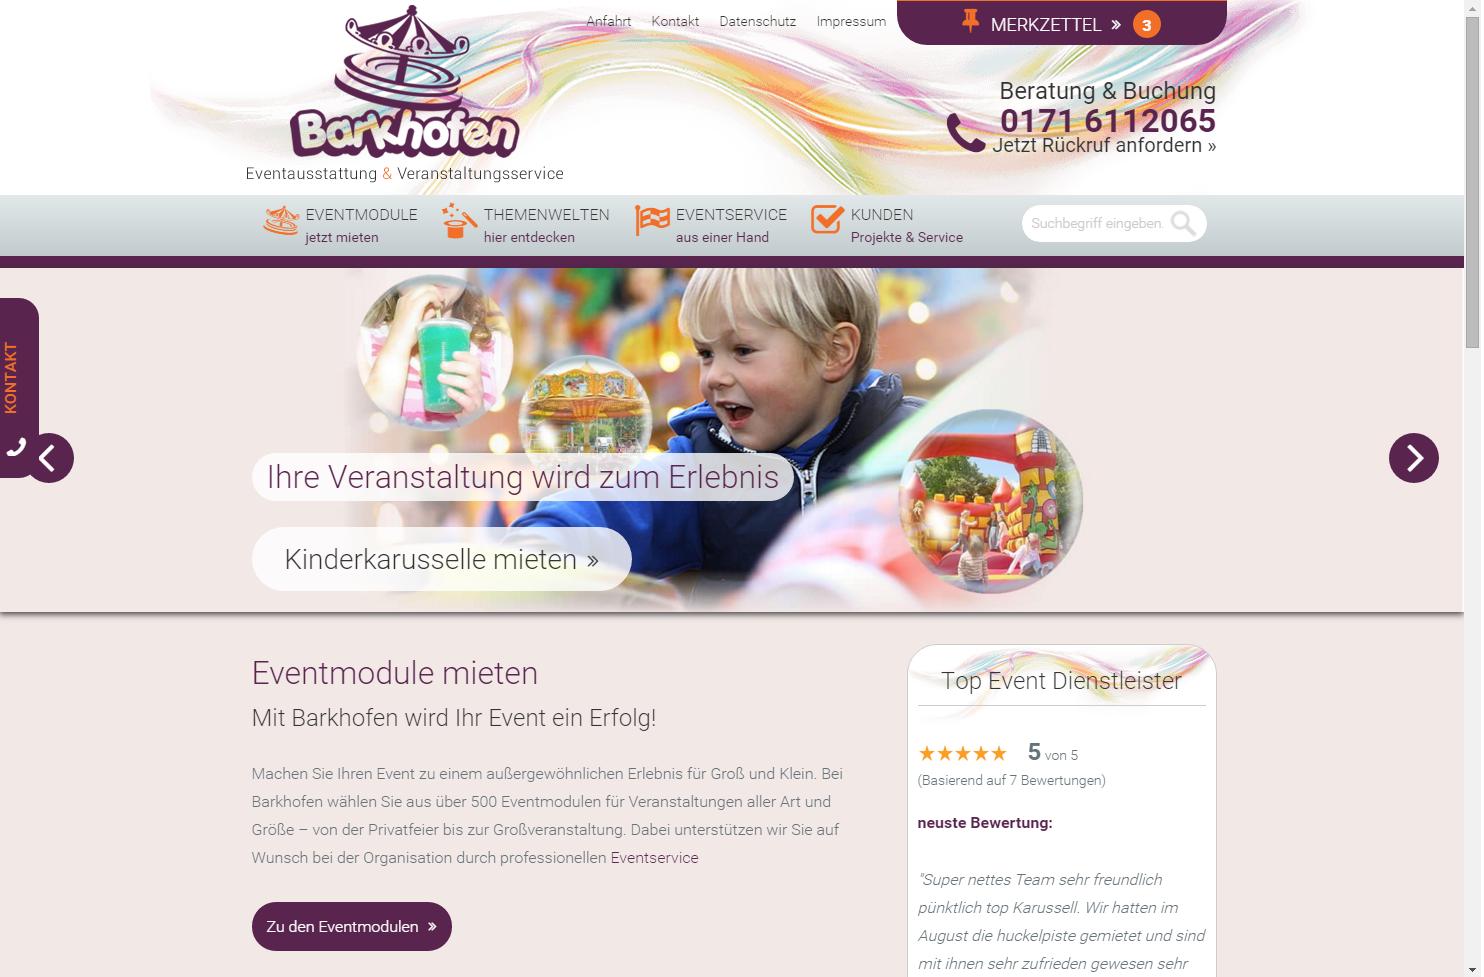 Startseite Barkhofen Eventausstattung und Veranstaltungsservice